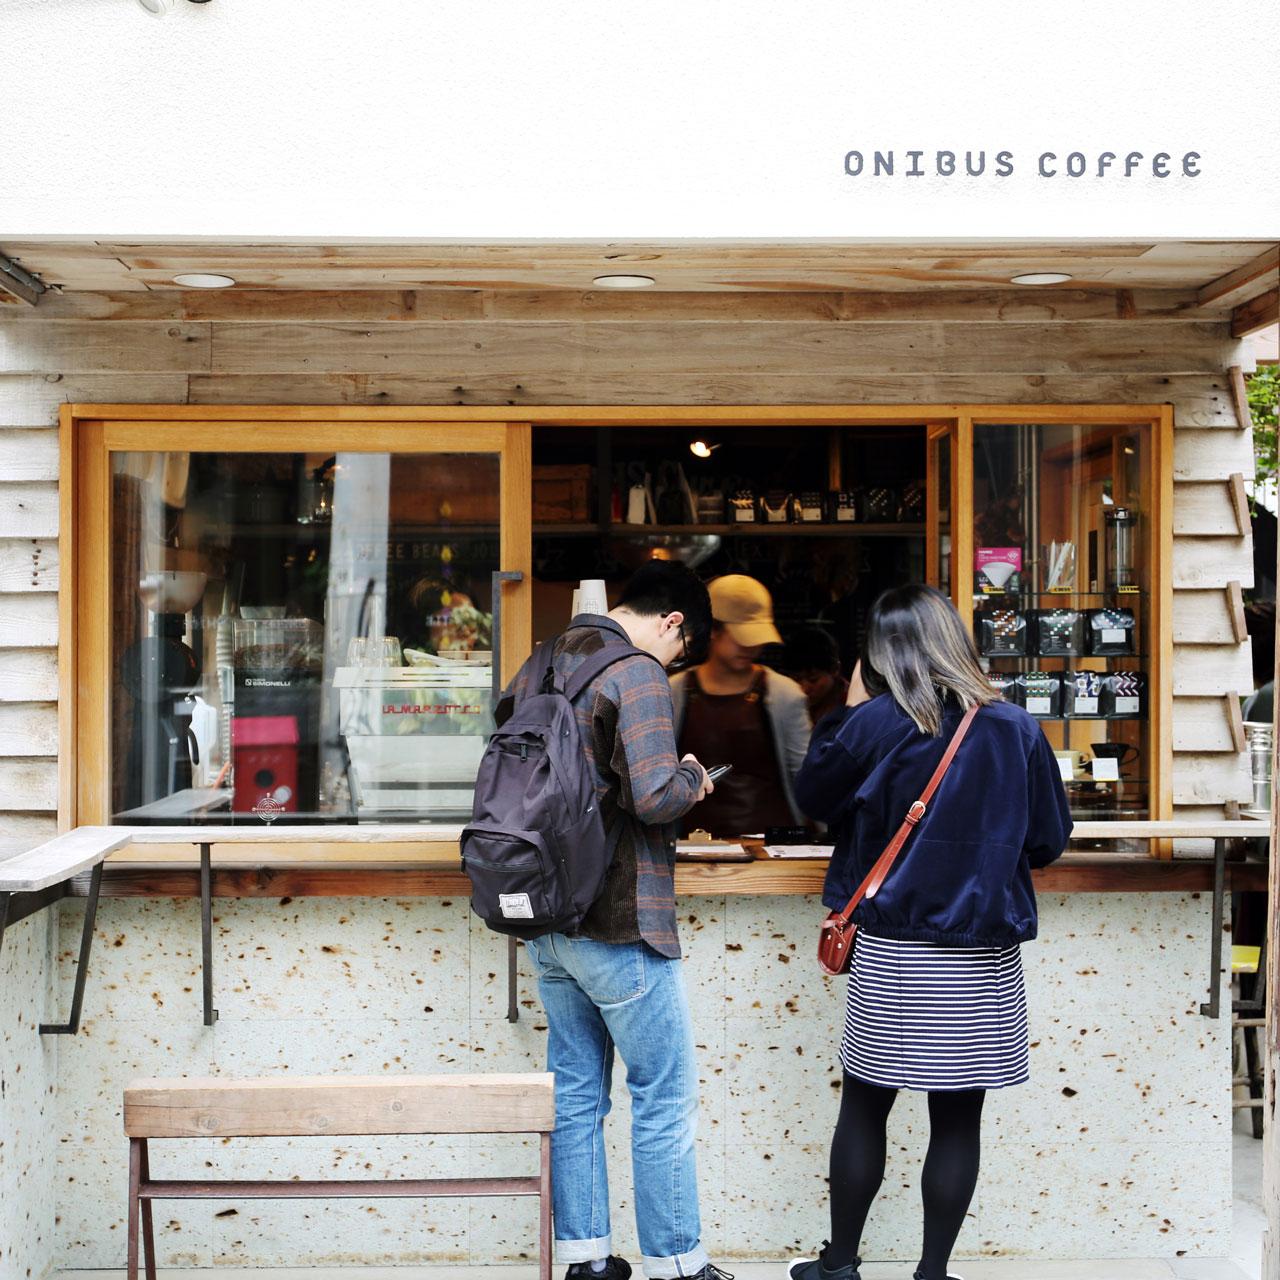 カフェが人を繋ぐ。果実味あふれるコーヒーが生んだ、中目黒のコミュニティ